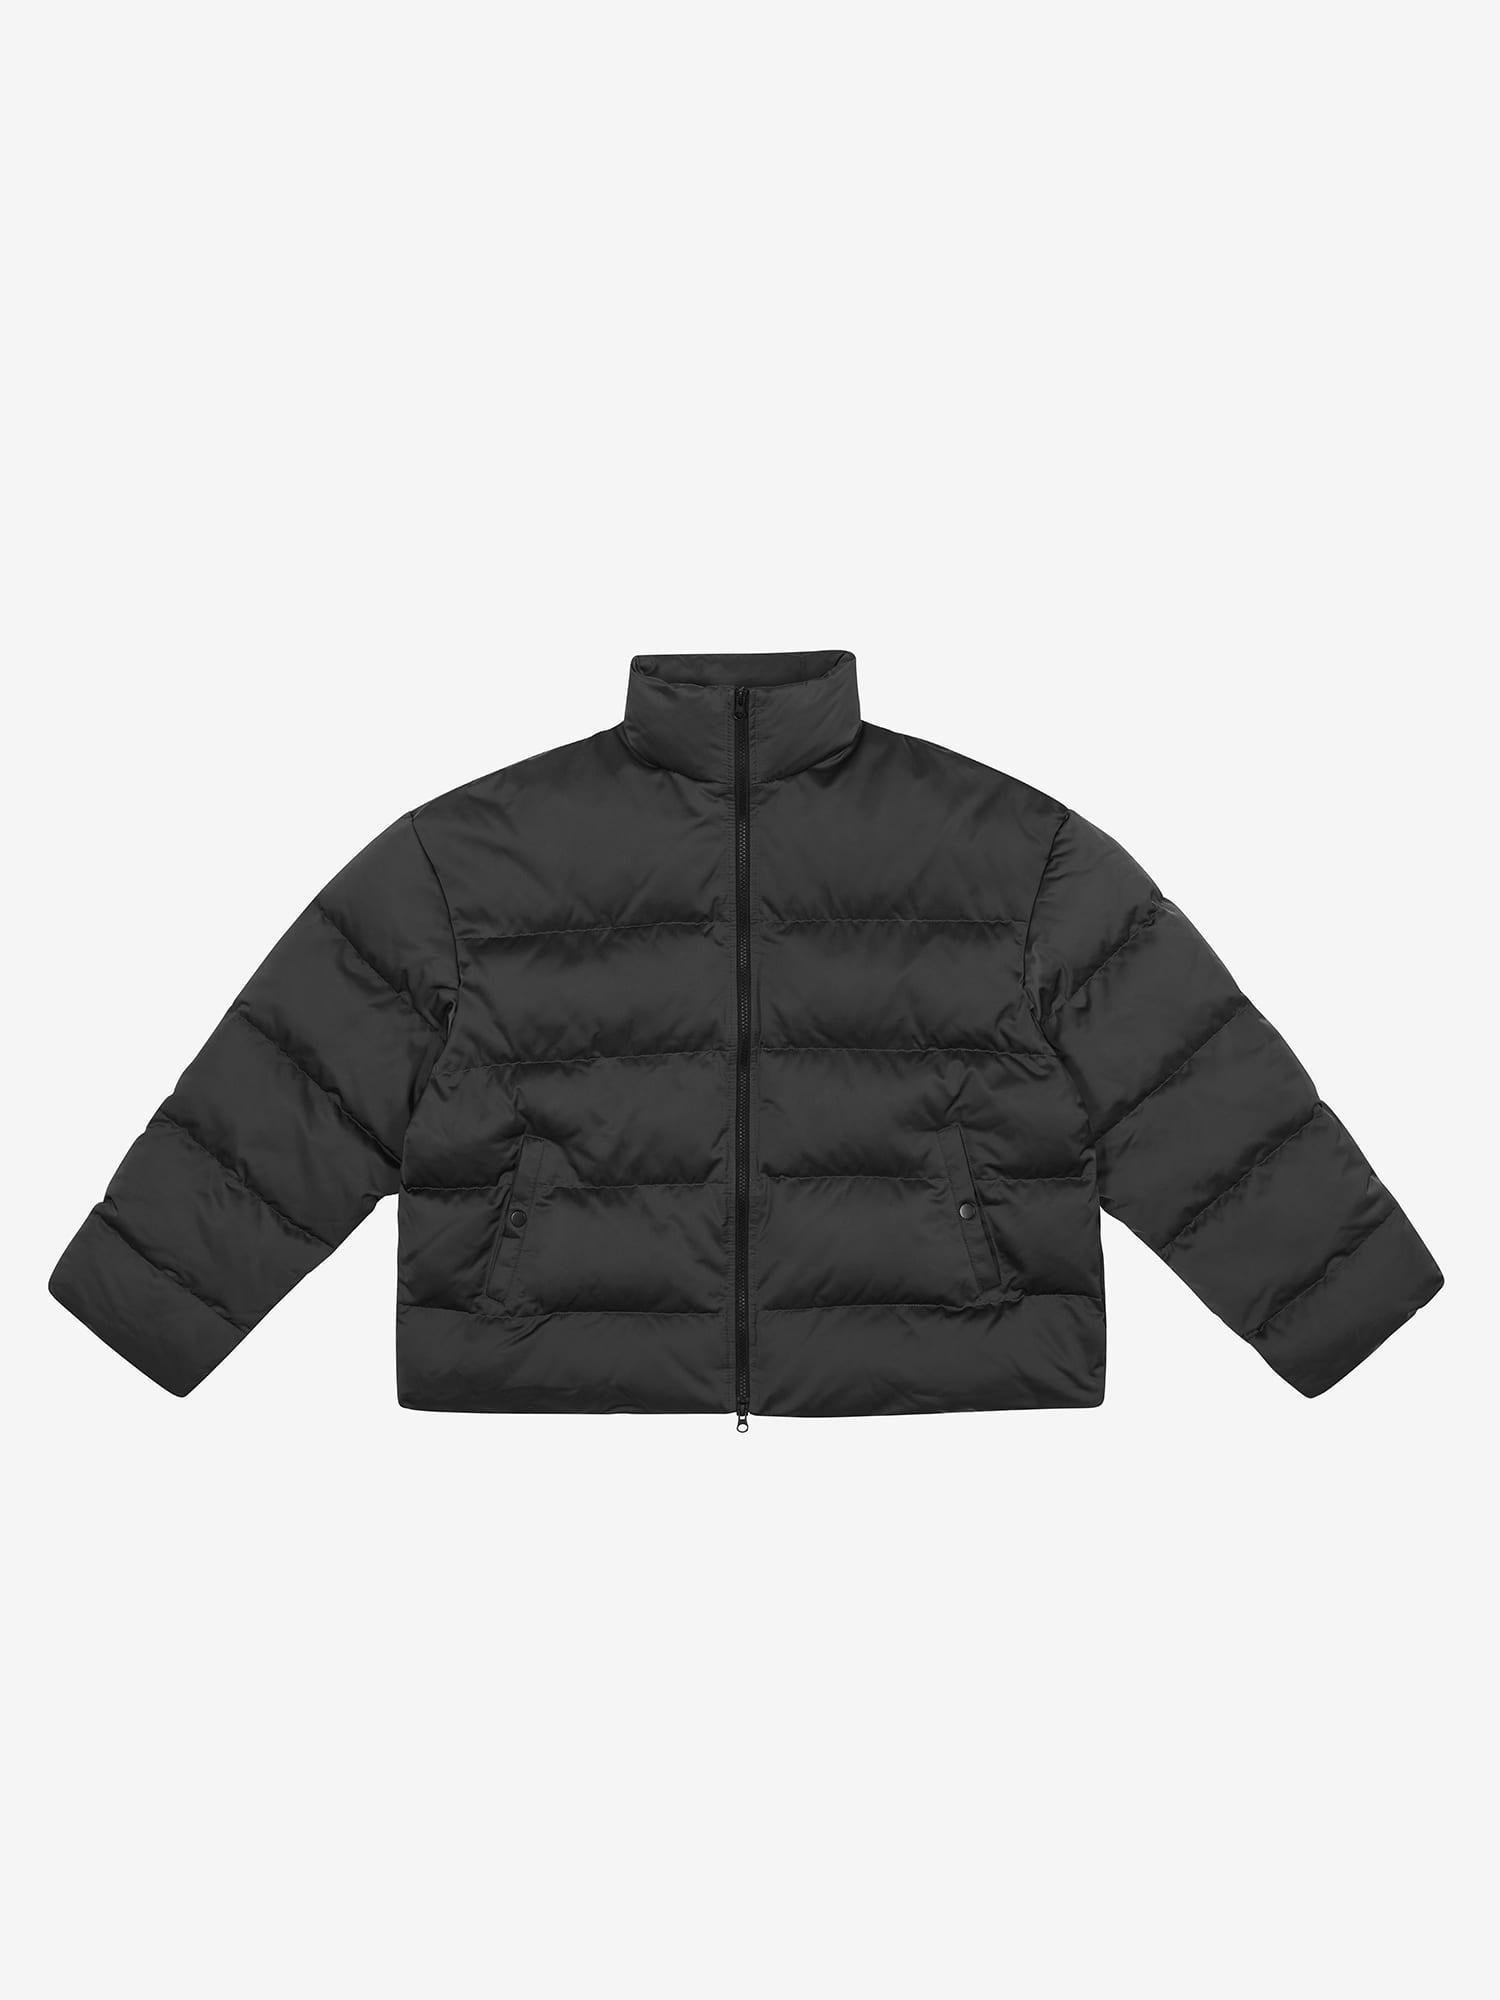 Oversized Padded Jacket - Charcoal